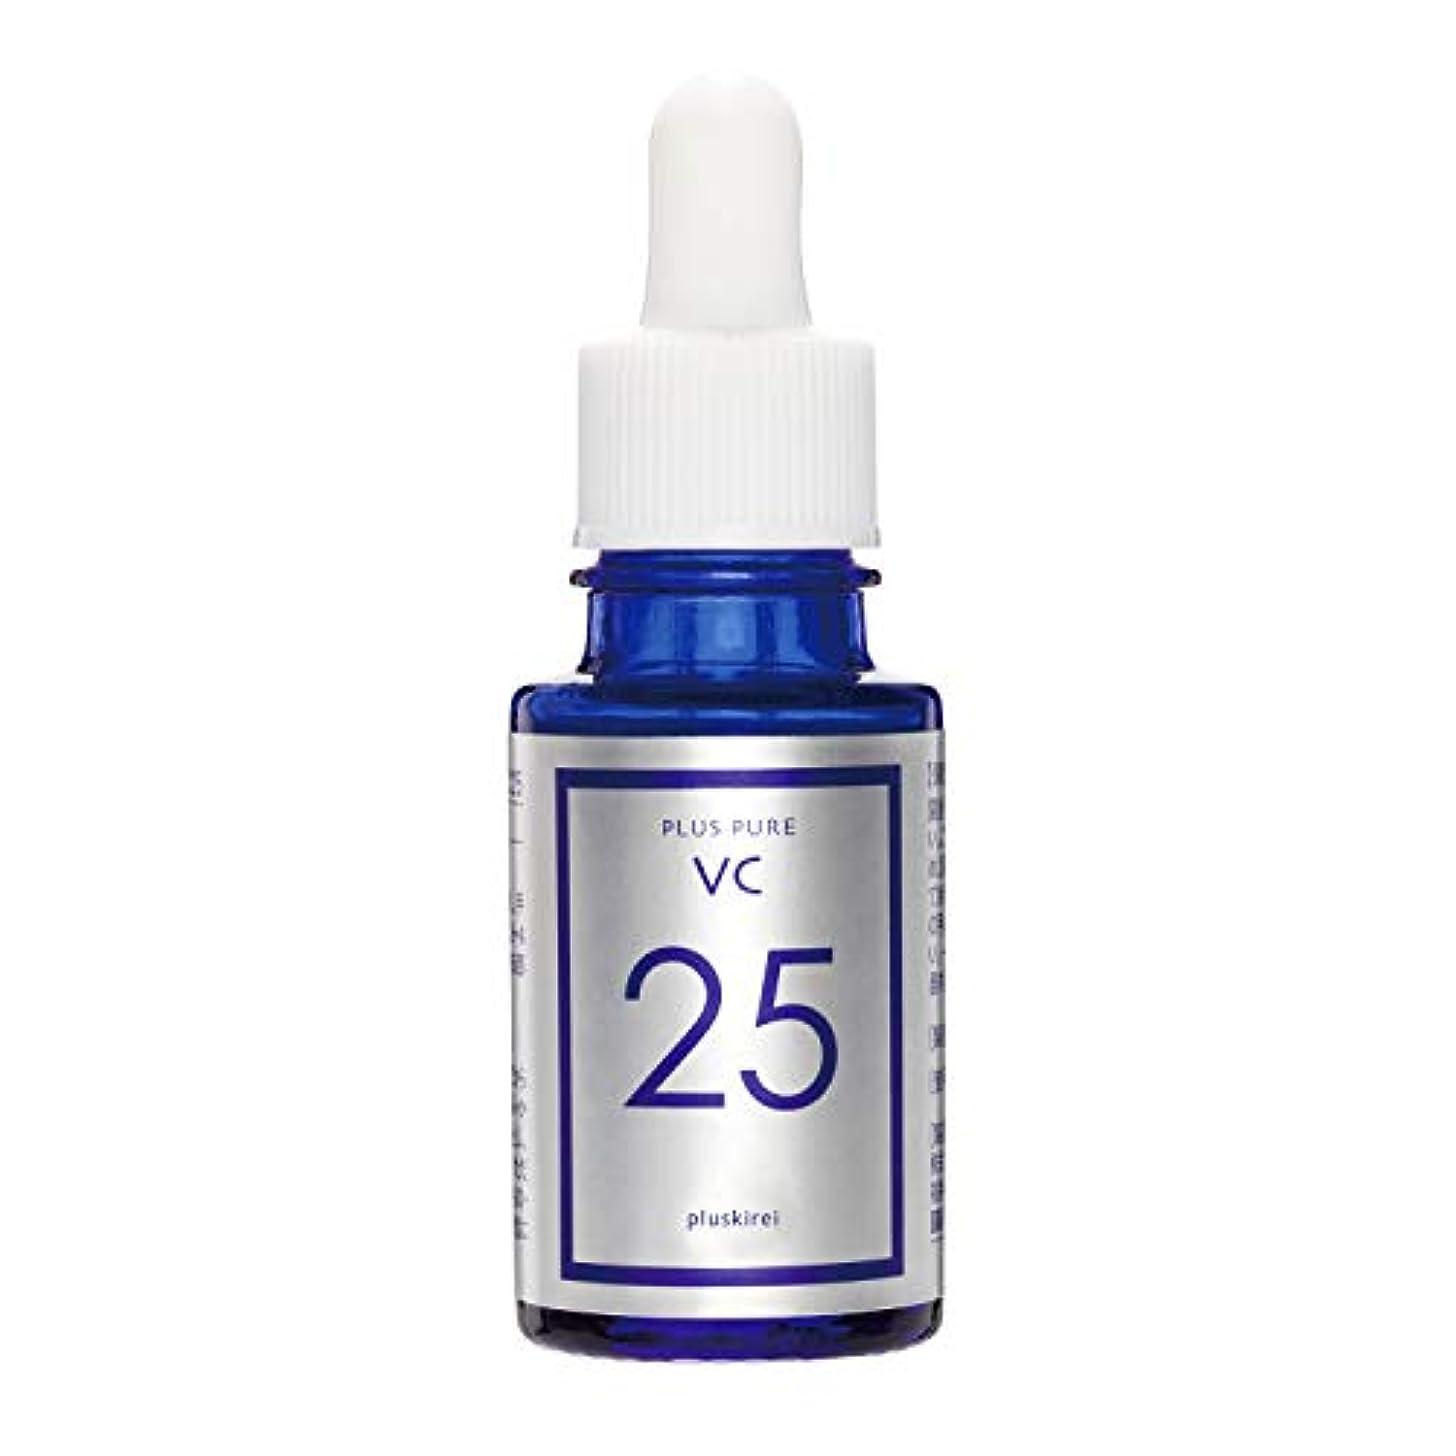 学部長ネストレモンビタミンC 美容液 プラスキレイ プラスピュアVC25 ピュアビタミンC25%配合 両親媒性美容液 (10mL(約1ケ月分))